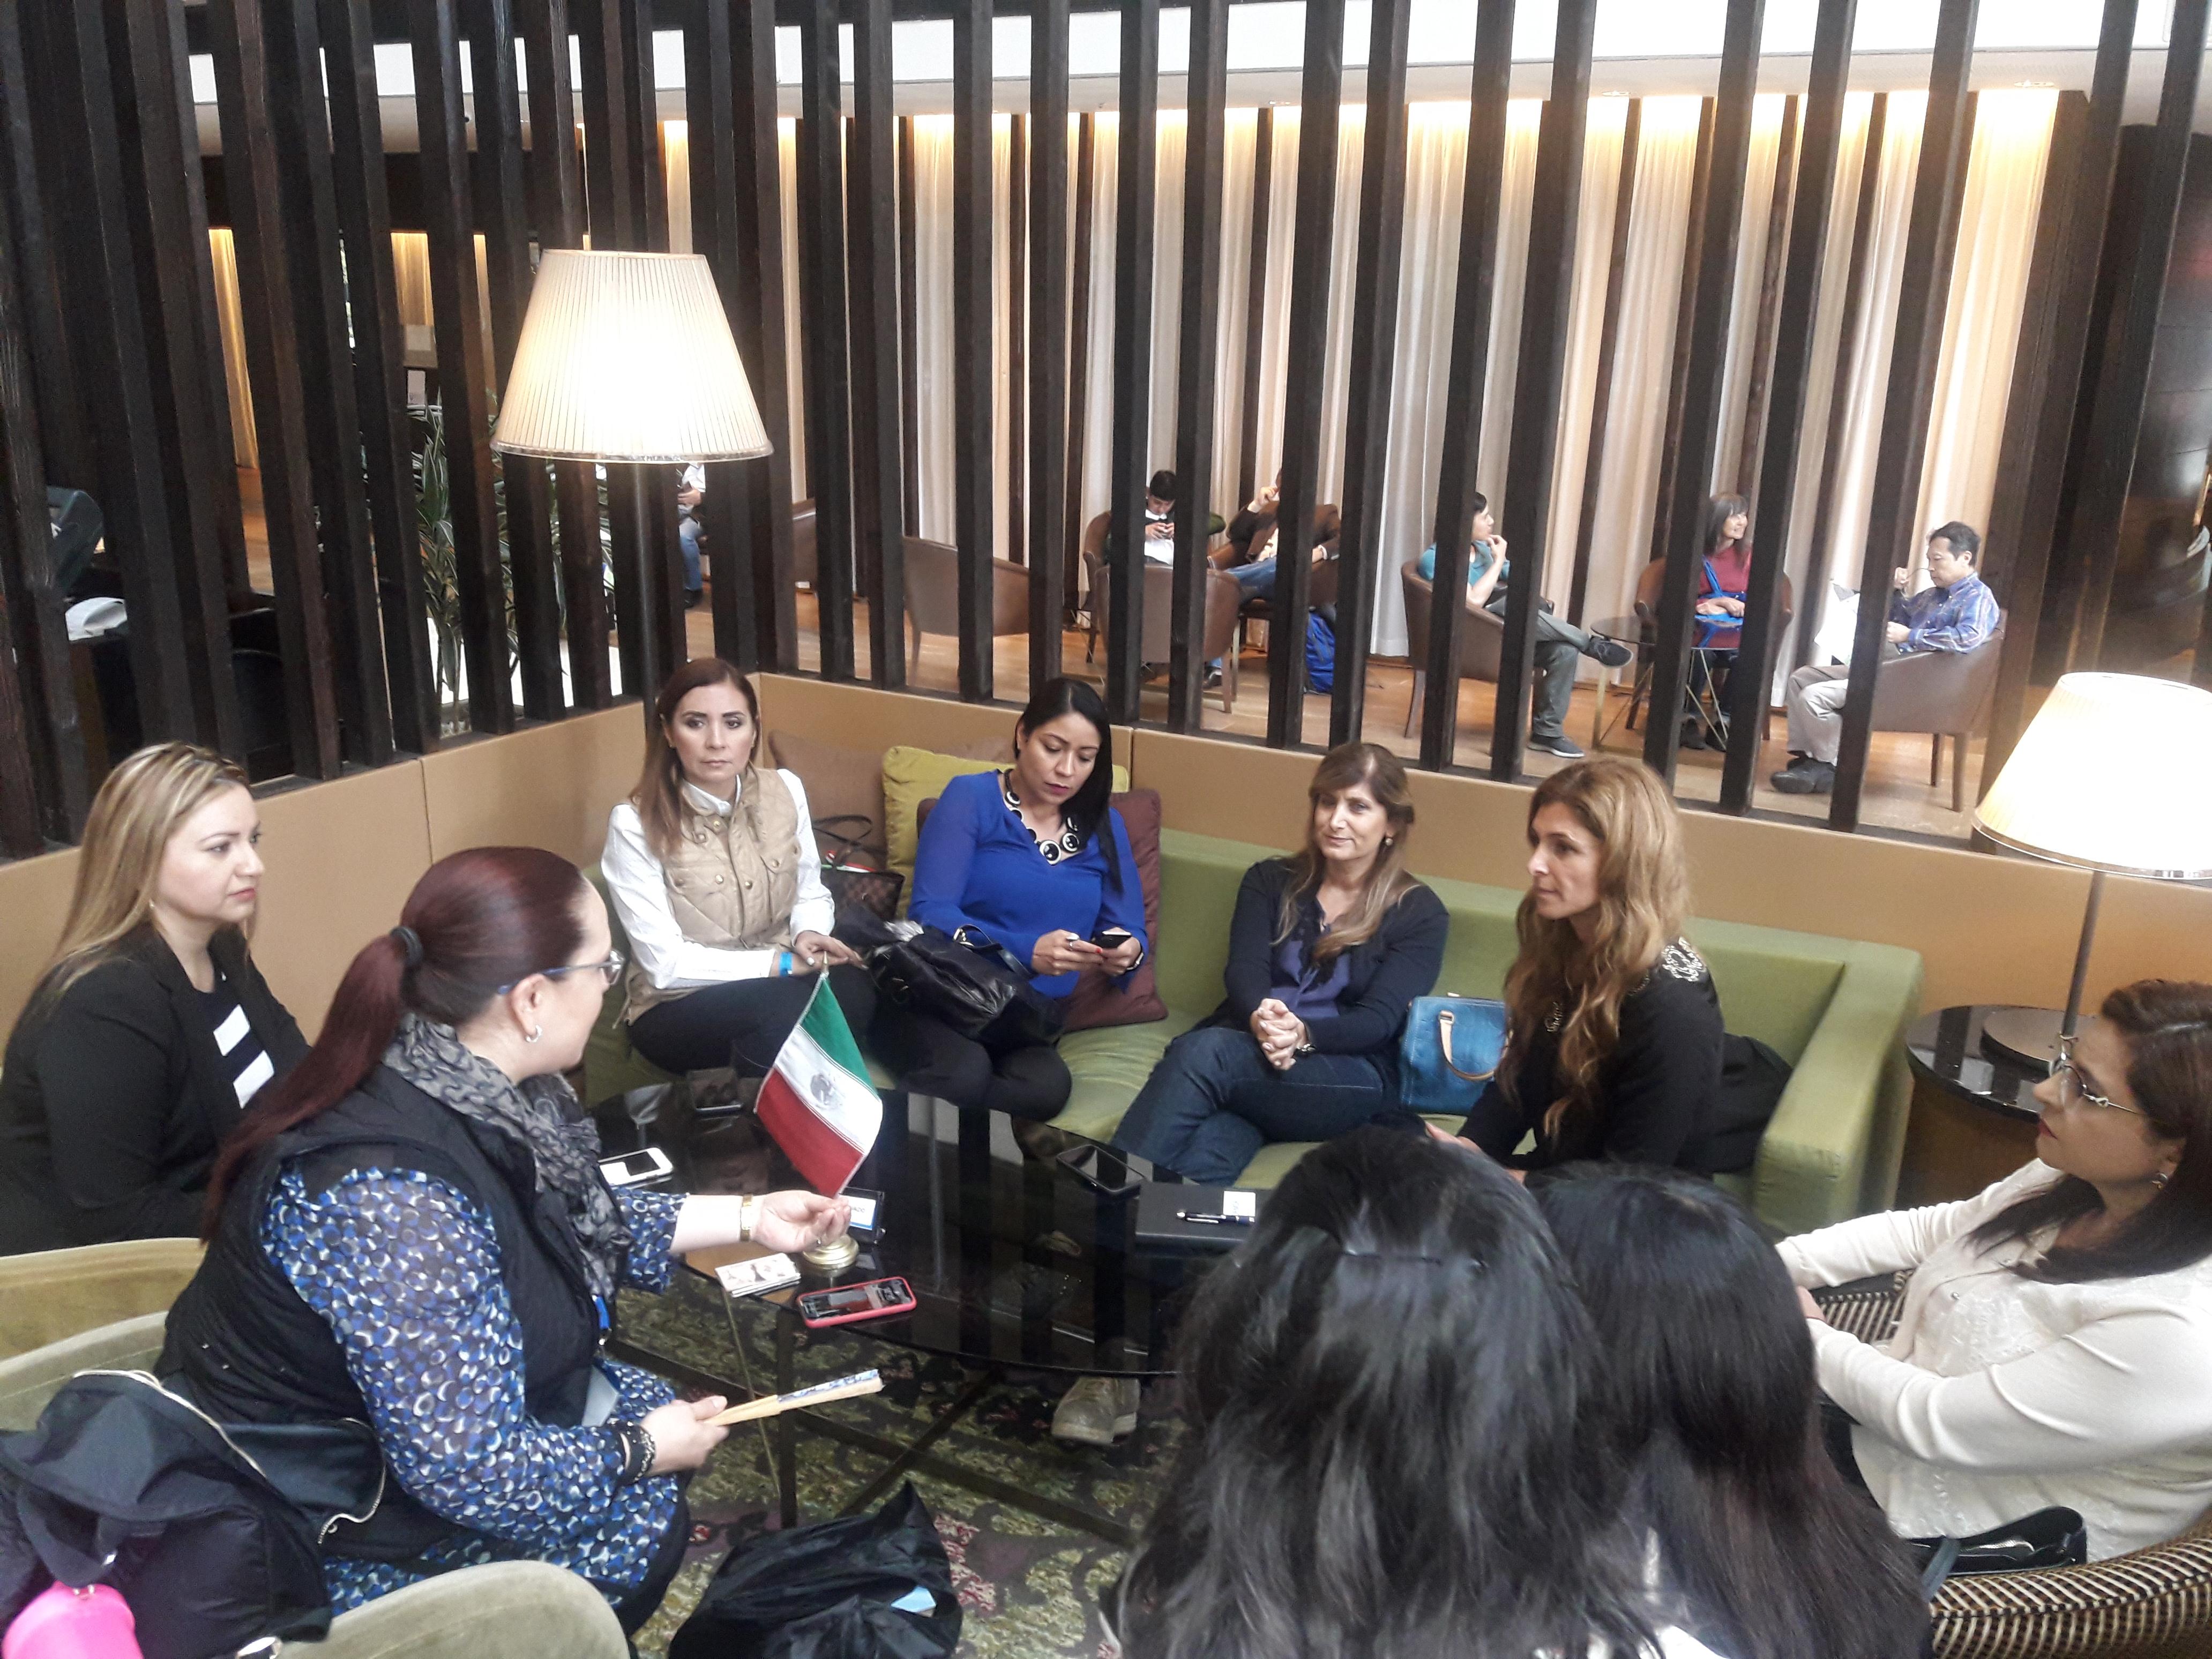 20180505 143032 - Elecciones en México. La Magistrada Soto Fregoso en entrevista con IDEMOE nos ilustra sobre avances de la Paridad en su país y demás novedades del proceso electoral en curso 1 junio, 2018